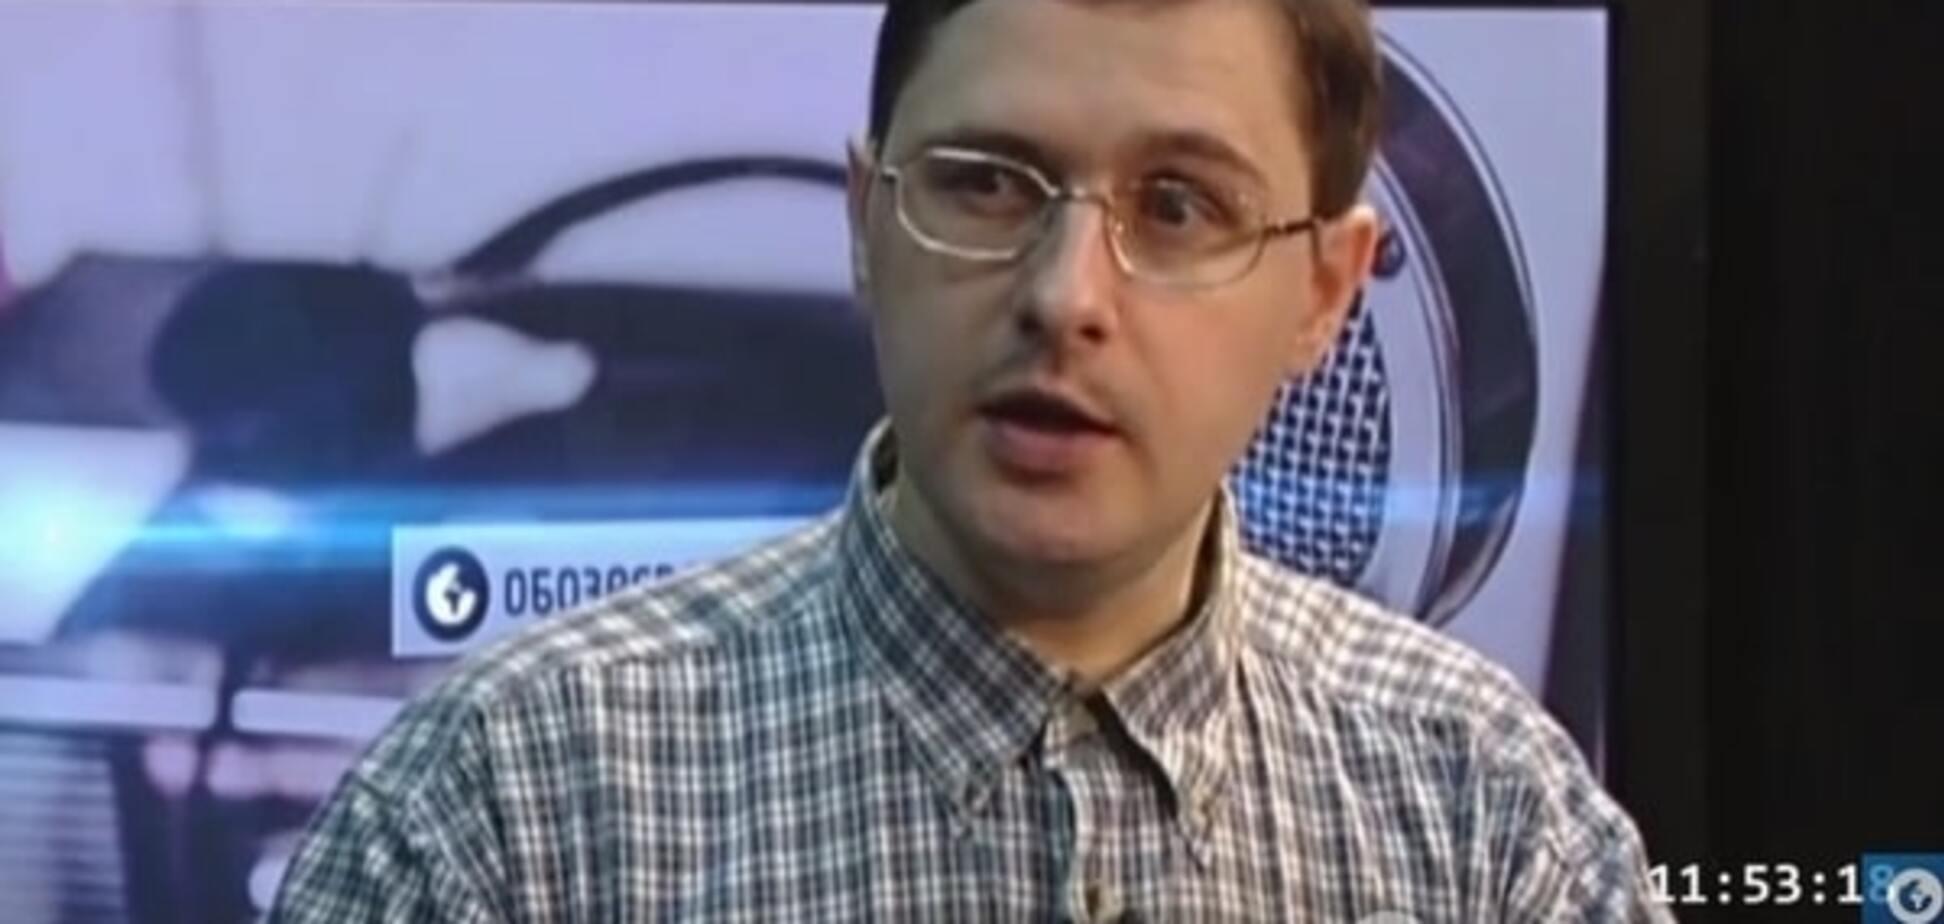 Жители Донецка и Луганска опустошают ювелирные магазины - хакер